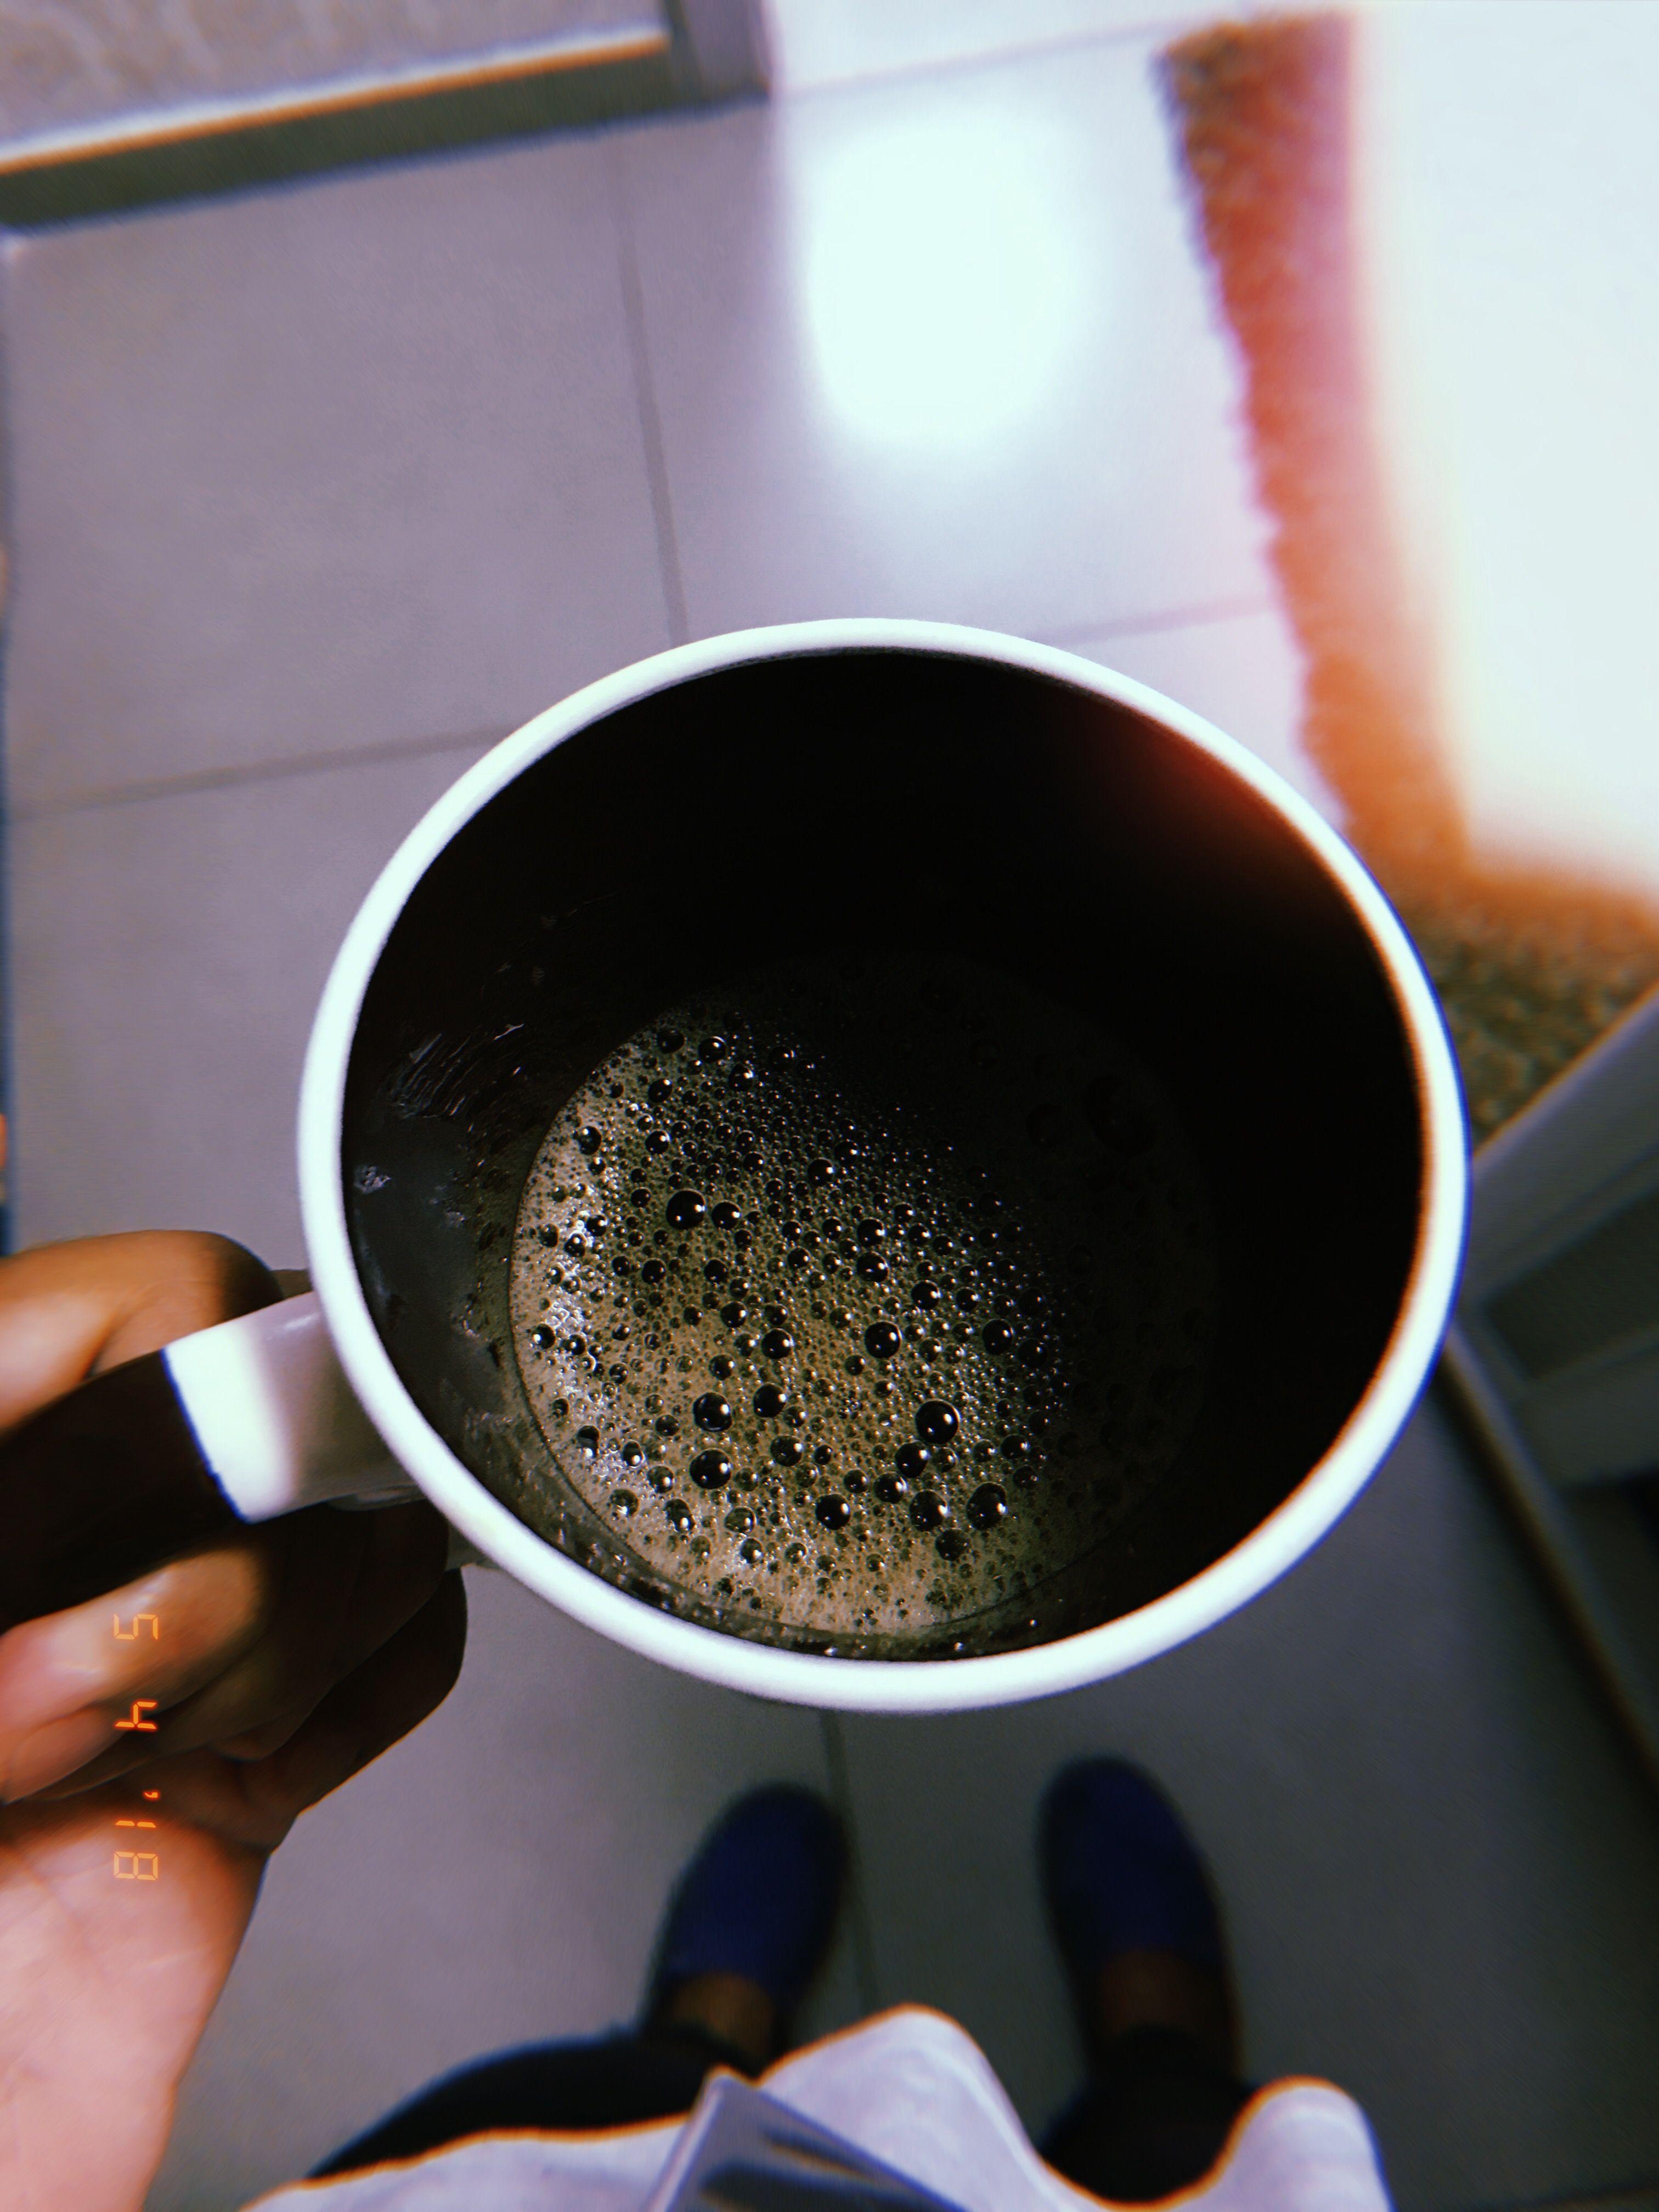 Café da Yce no café da manhã | Fotos café da manhã, Fotos de café, Tumblr  cafe